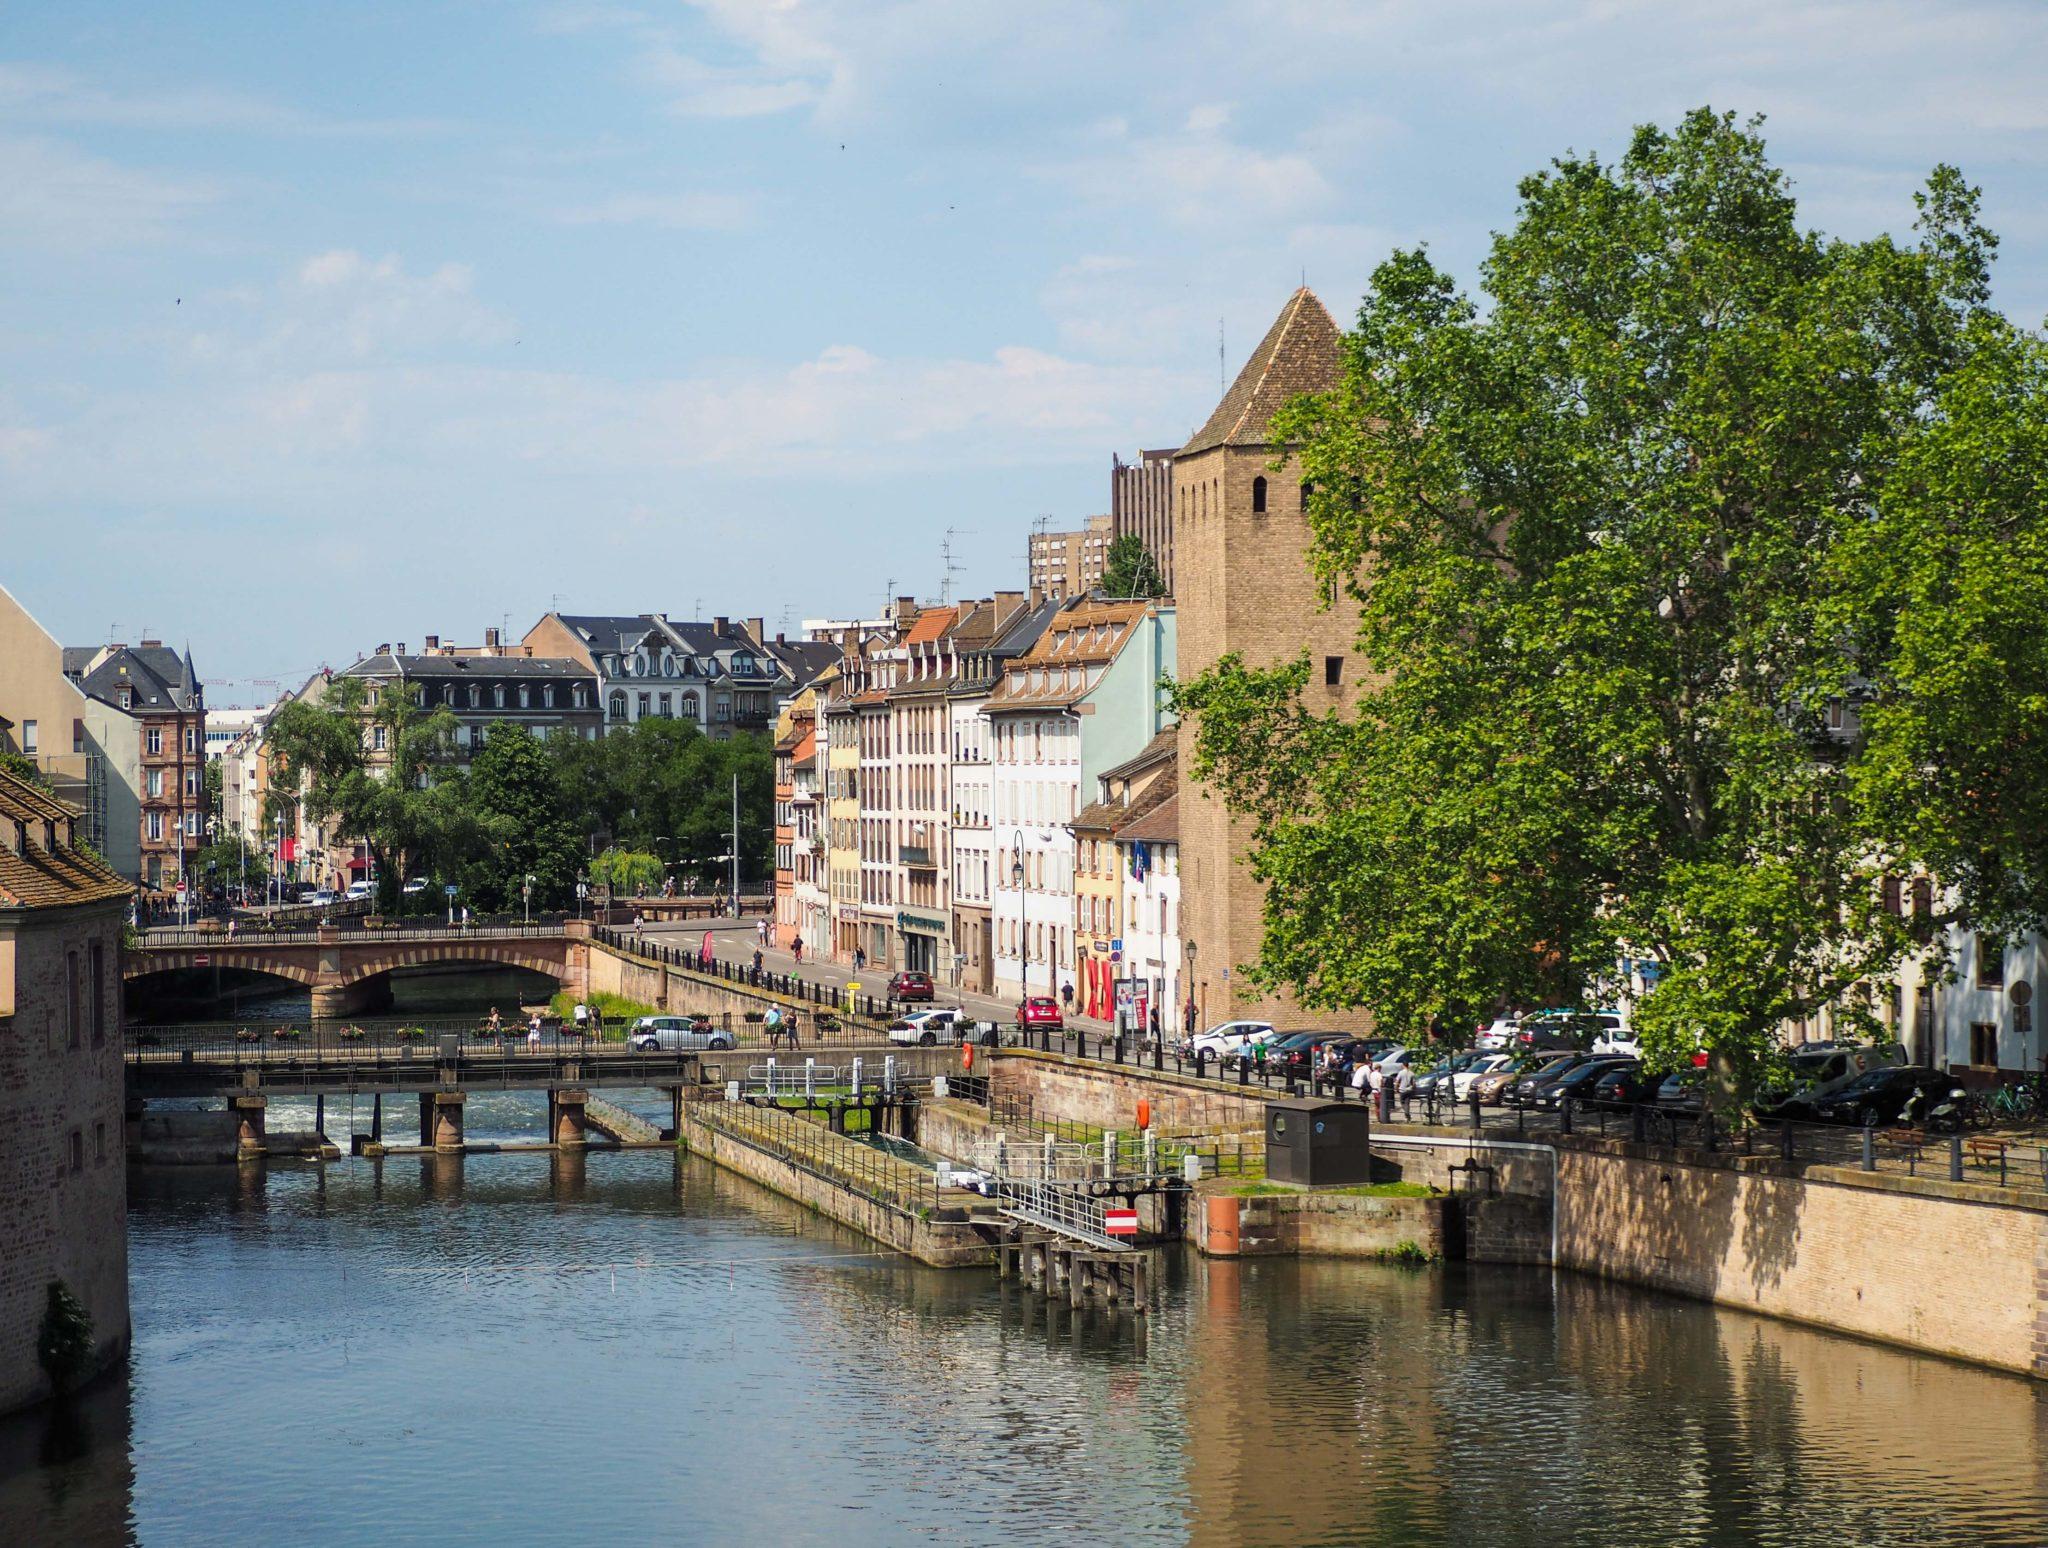 Strasbourg au fil de l'eau - Visiter Strasbourg au fil de l'eau: 2 jours dans la capitale alsacienne entre amies - Par Voyages et Vagabondages, le blog du voyage en solo au féminin - Récit, photos, conseils, idées de visite et bonnes adresses pour visiter Strasbourg